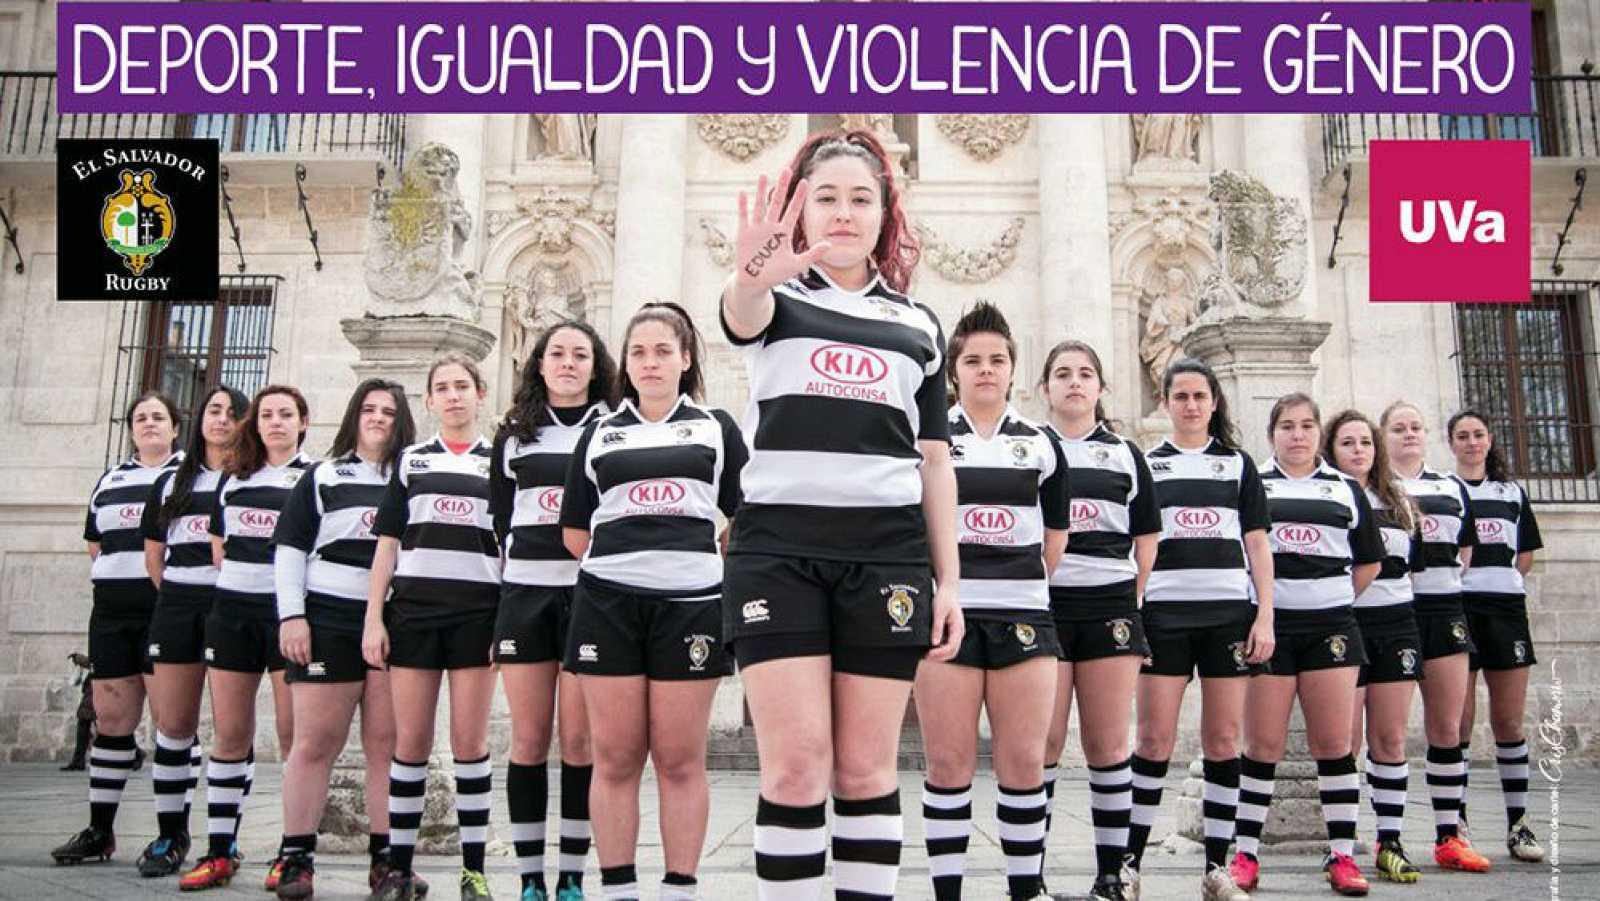 No juegues contra el deporte -  Desigualdad y violencia en la práctica deportiva - 20/05/17 - Escuchar ahora